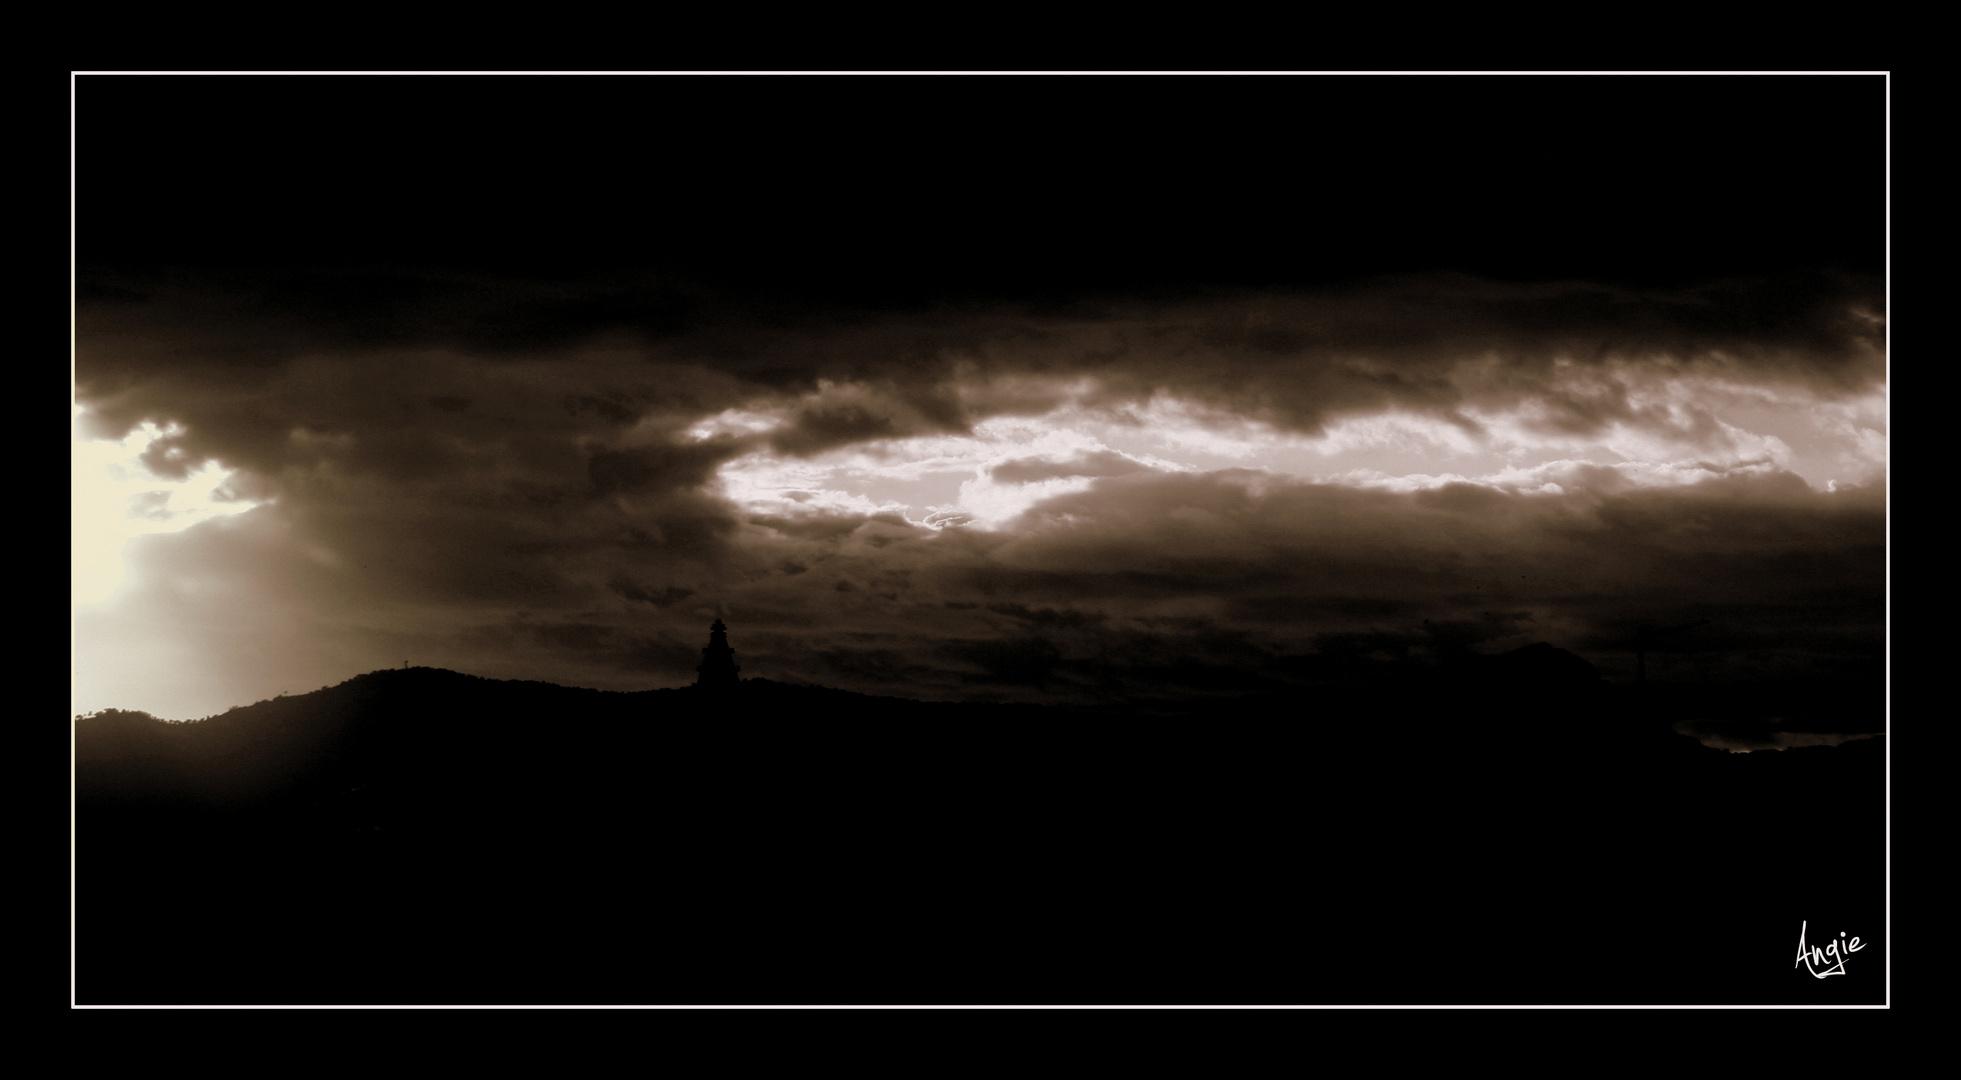 Y..................siguen las nubres negras....................